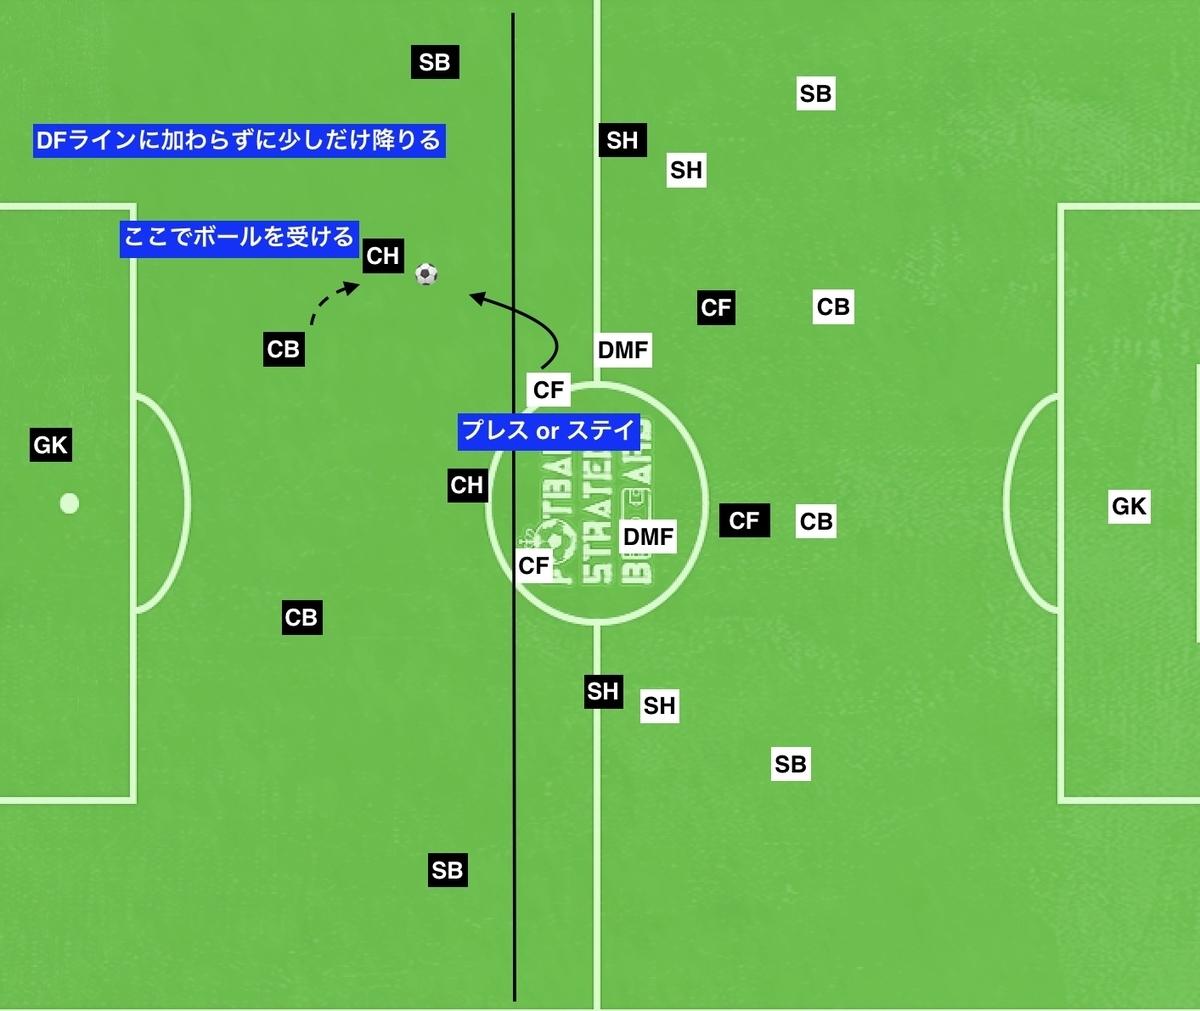 f:id:football-analyst:20190808095140j:plain